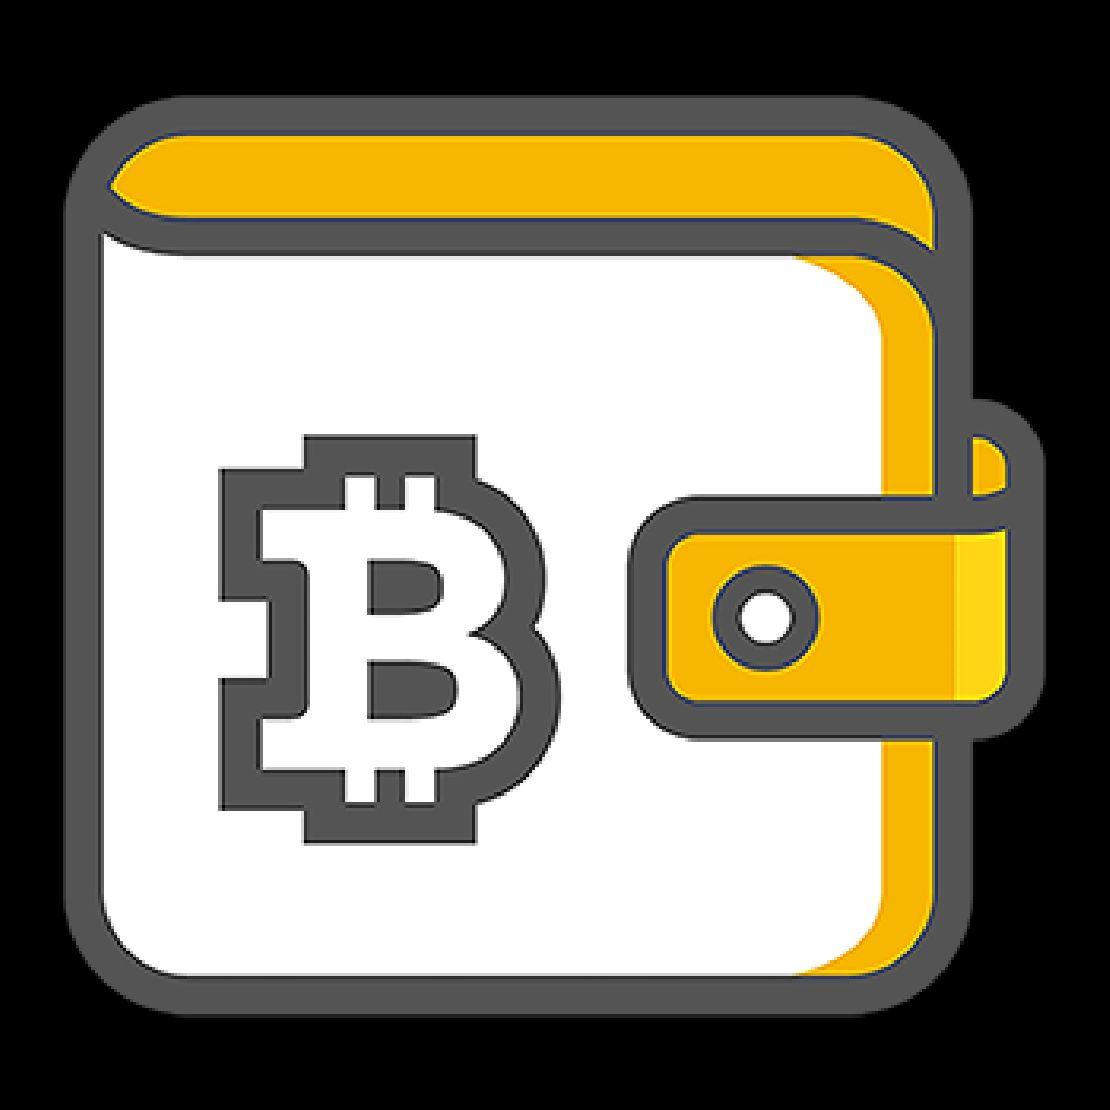 helyi bitcoin hogyan lehet vásárolni